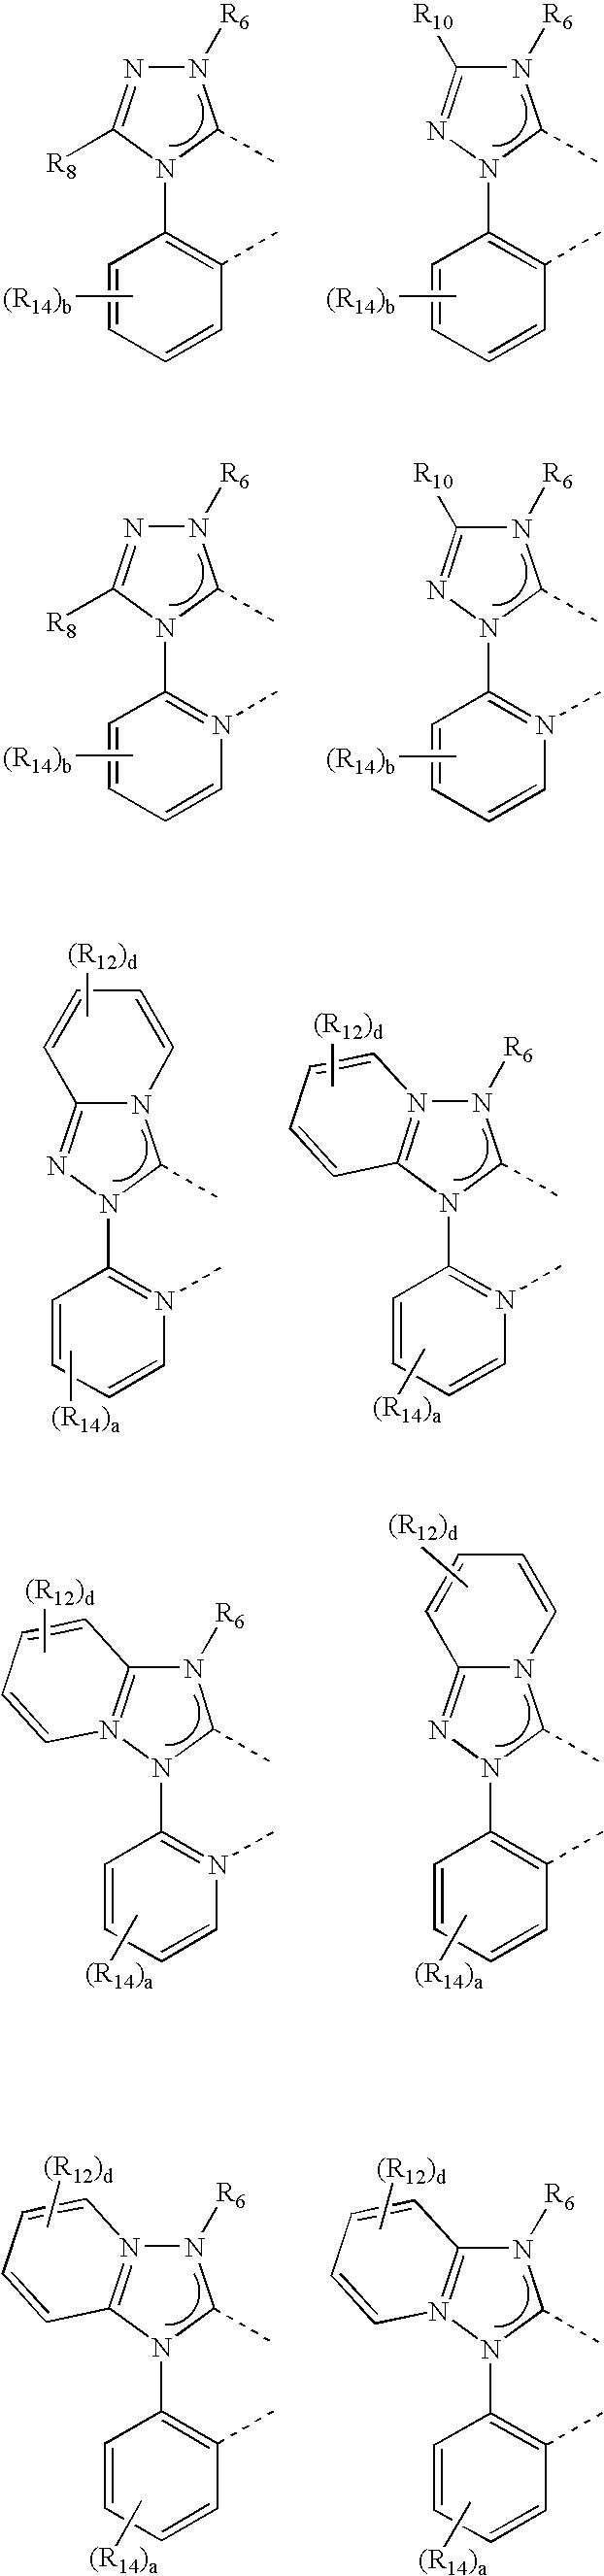 Figure US07491823-20090217-C00041